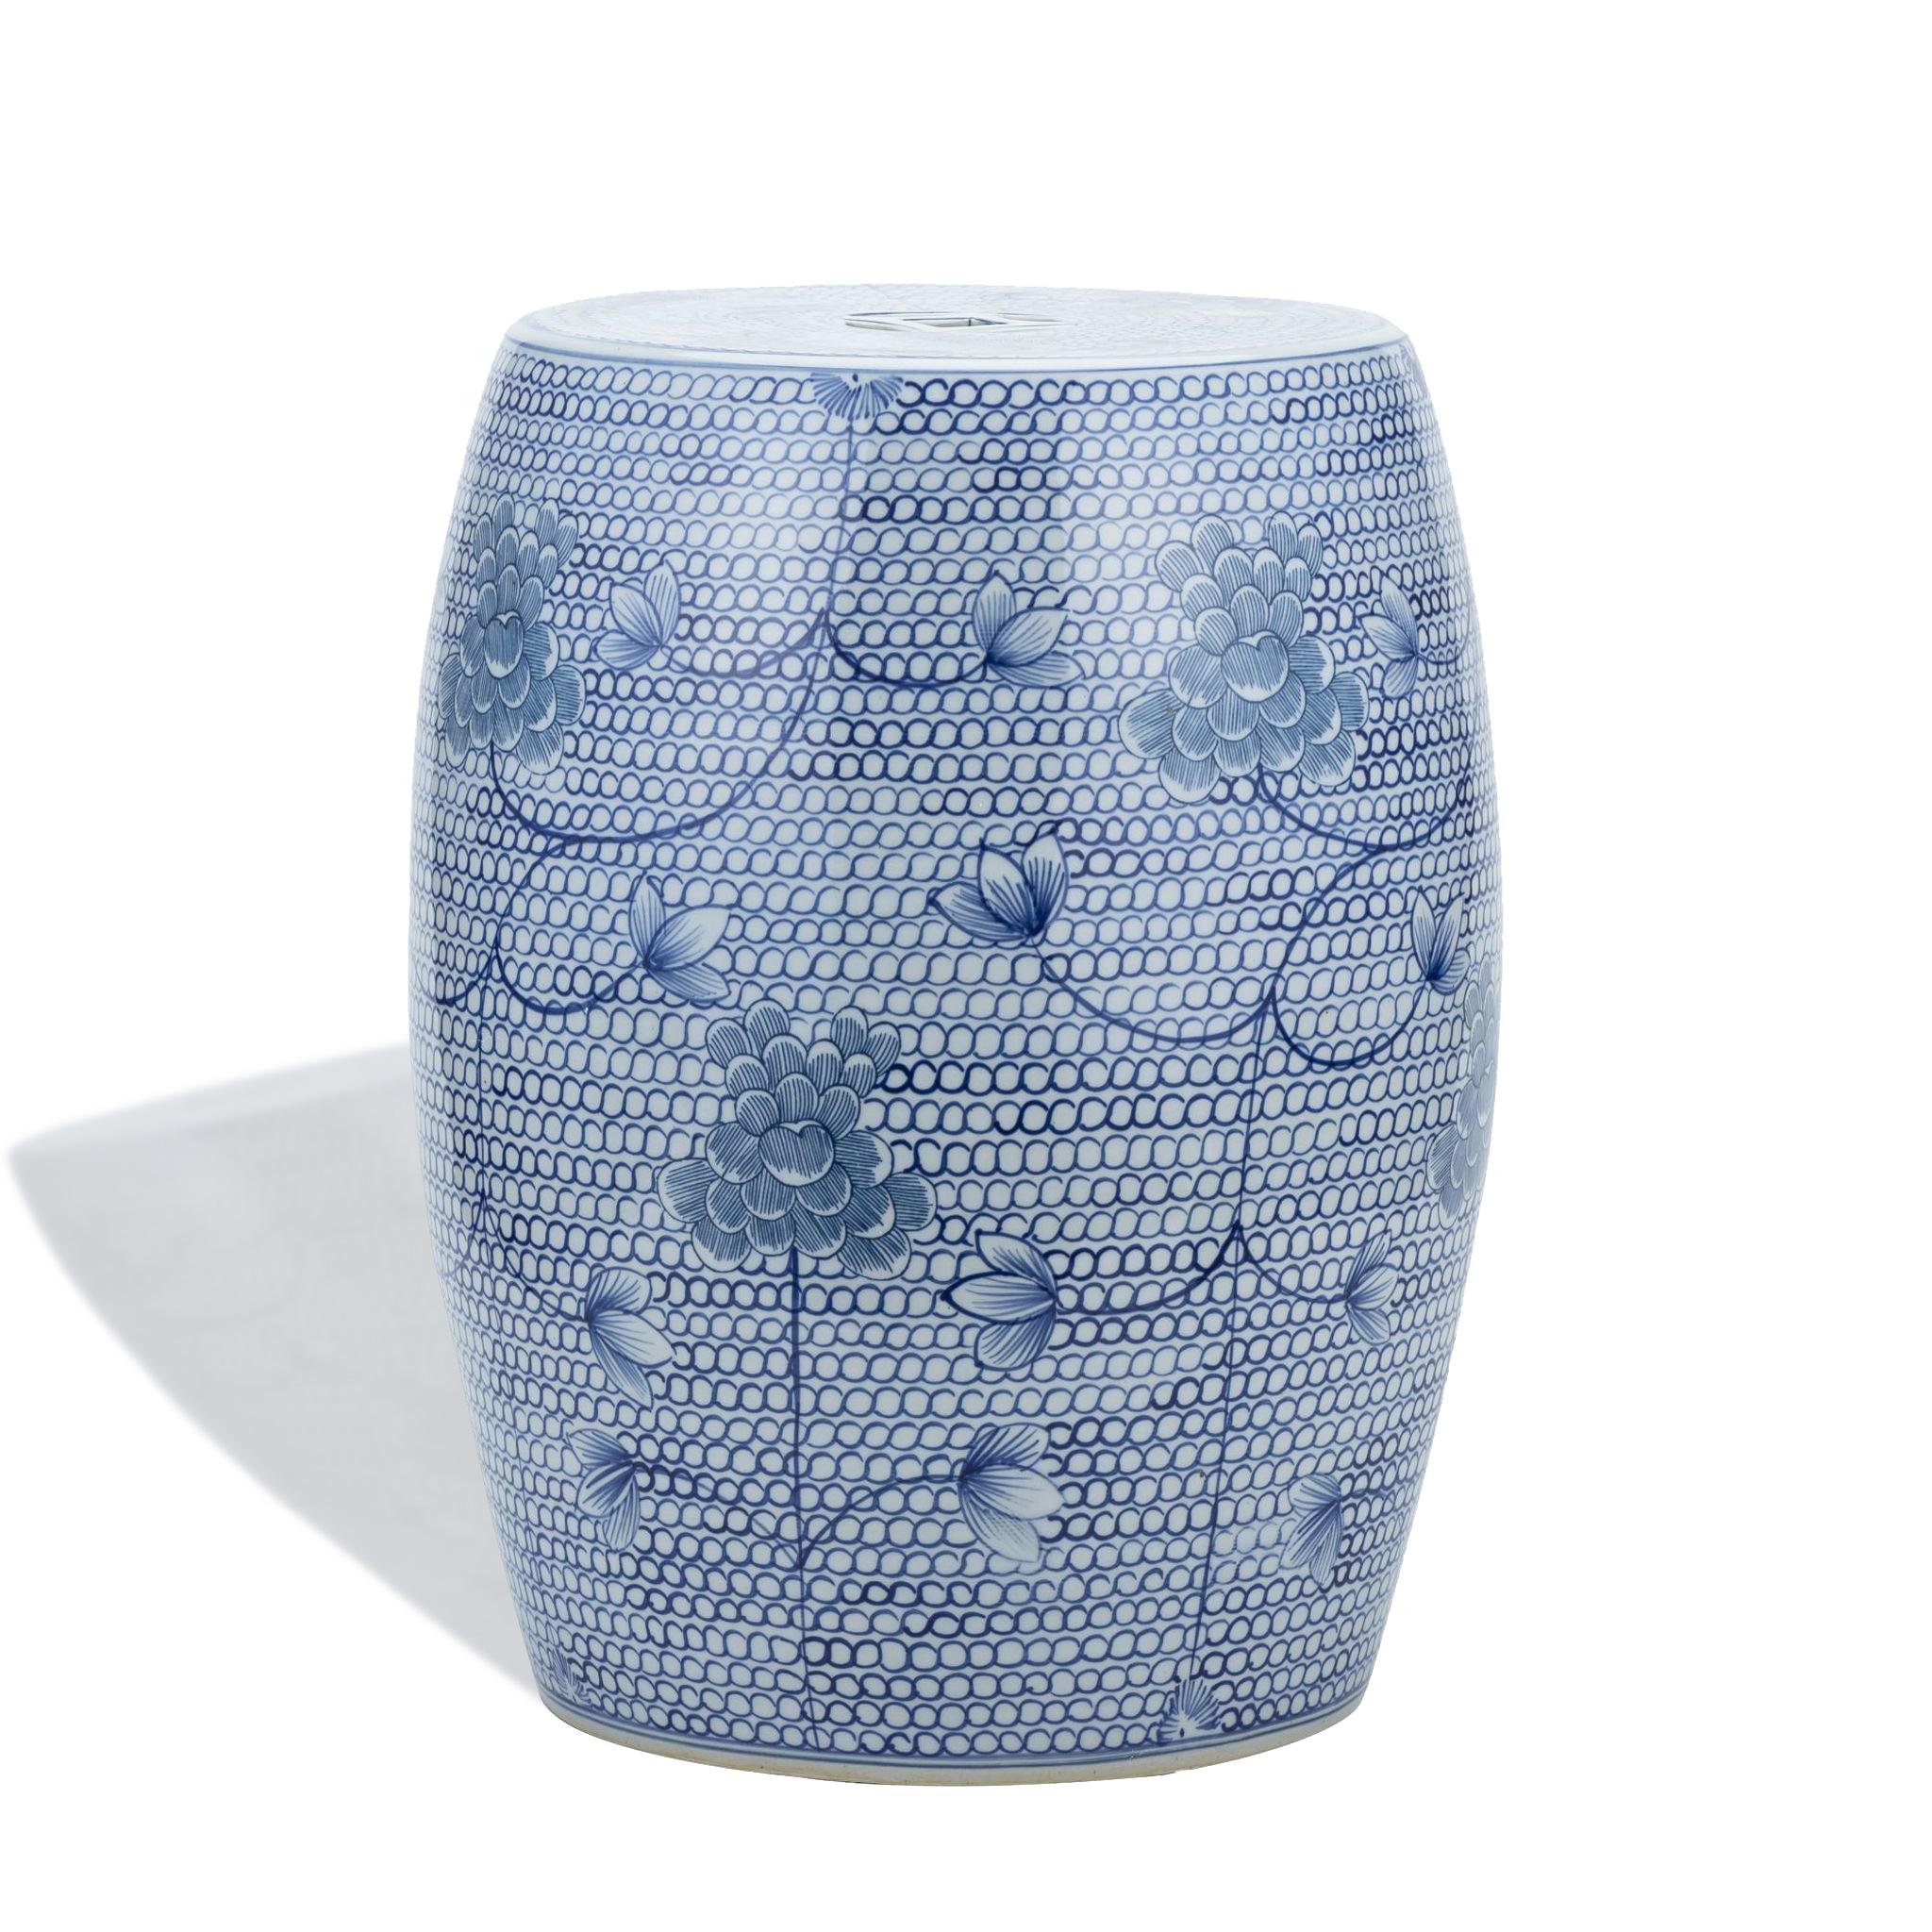 blue-chain-porcelain-garden-stool